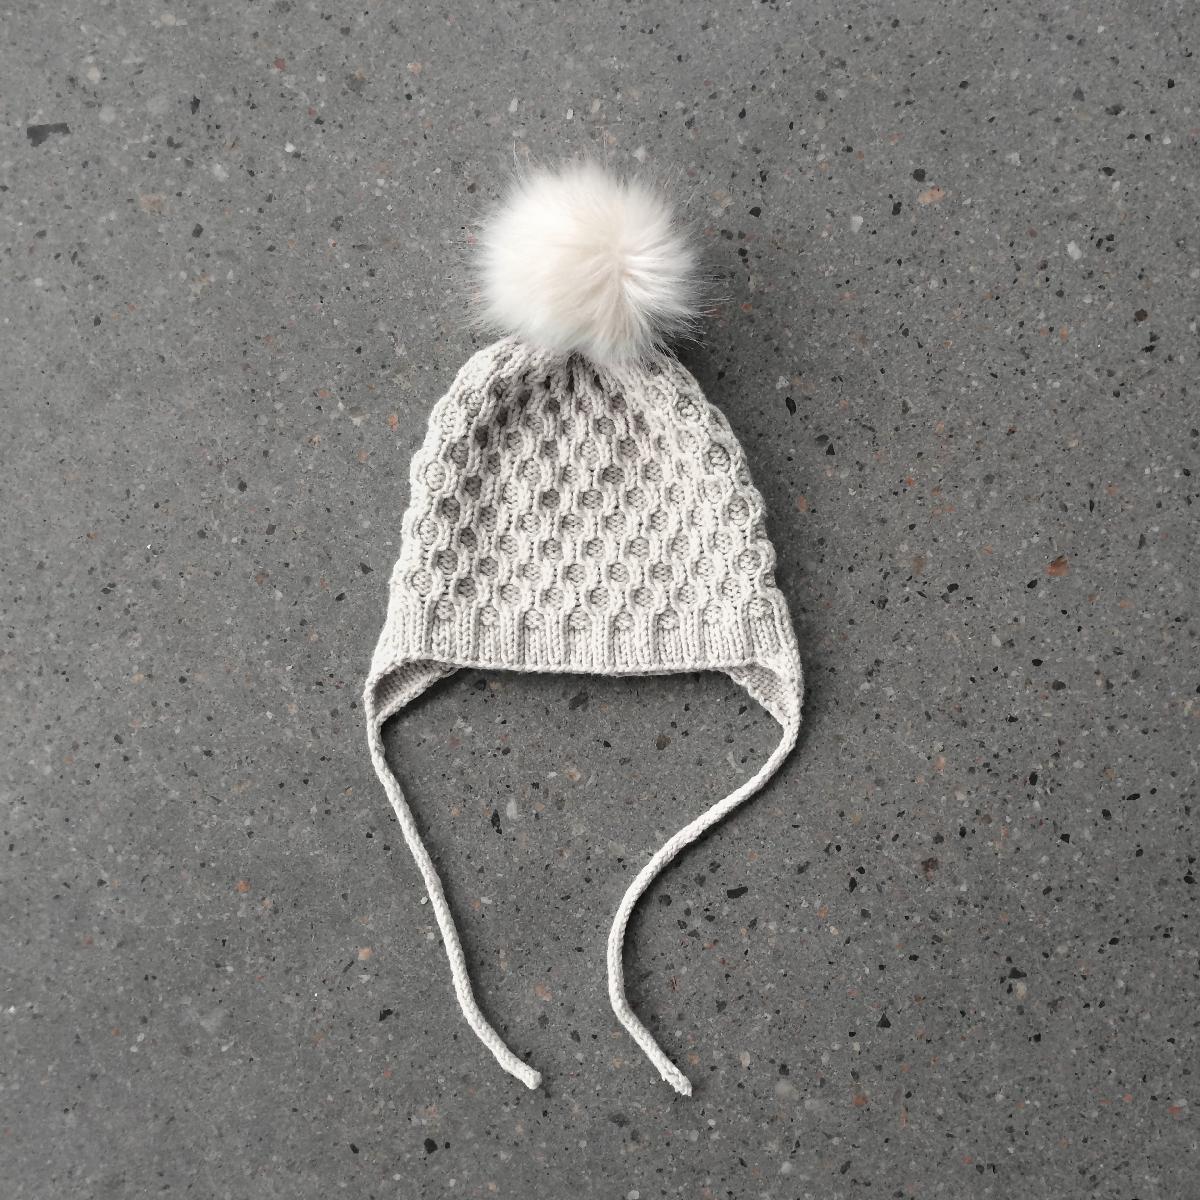 Lille bie lua / Little bee hat | Pretty Knitting | Pinterest